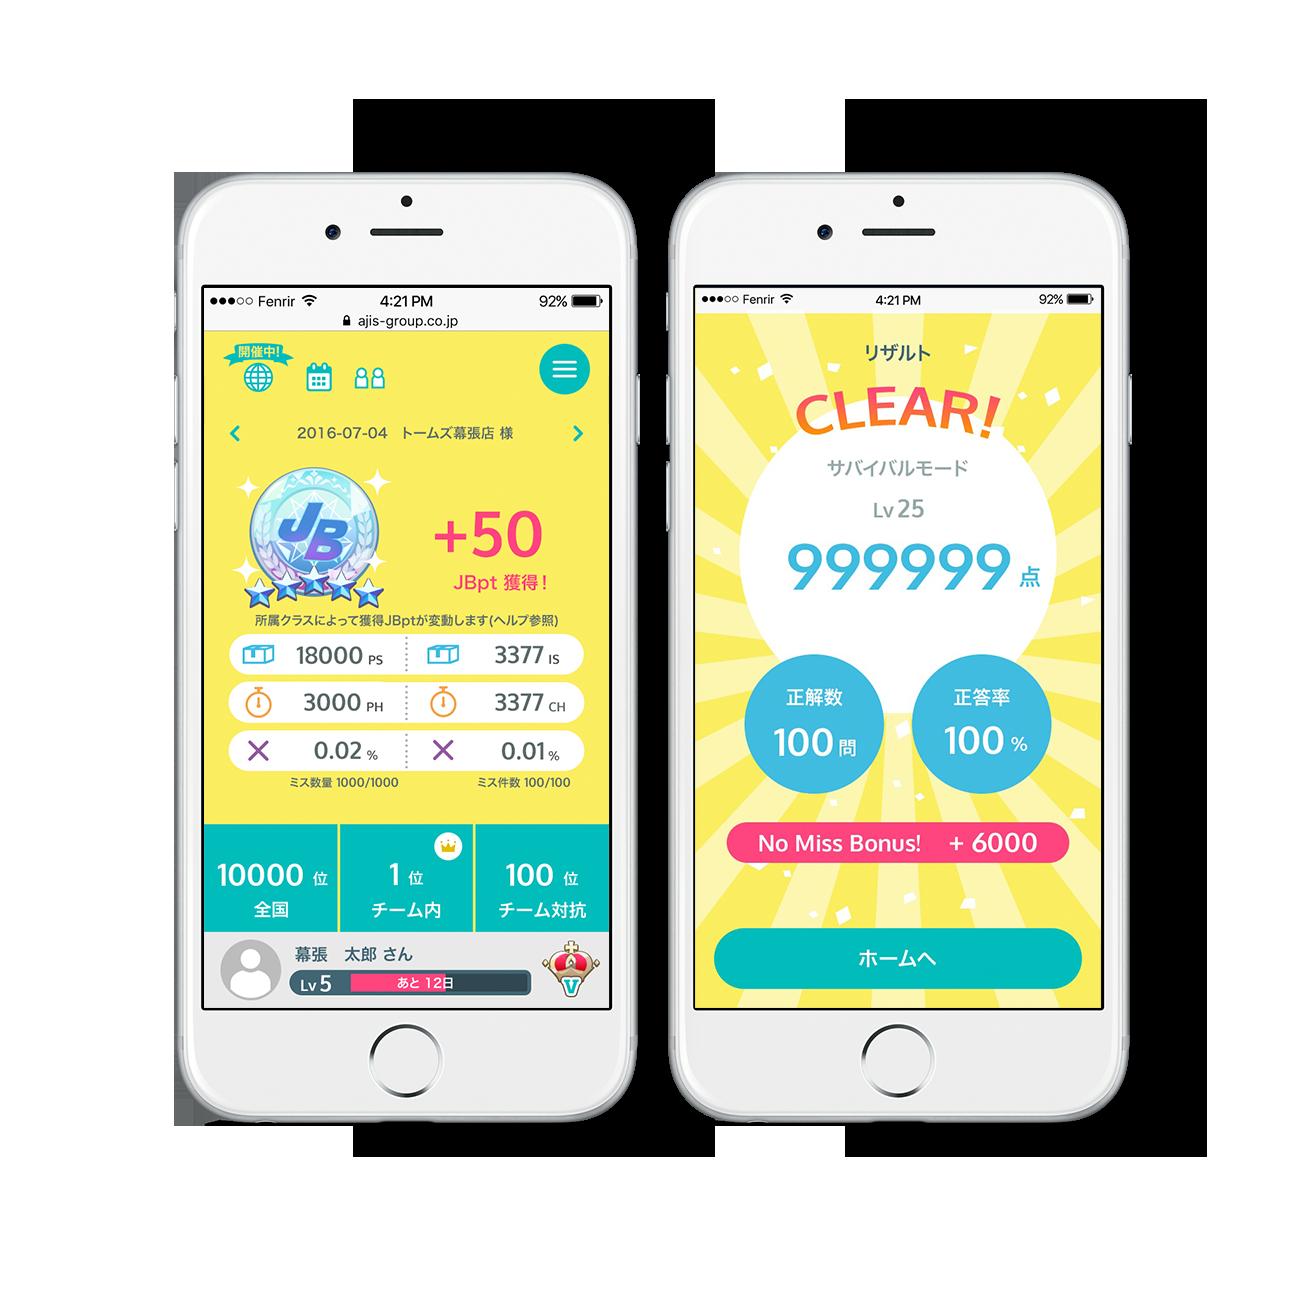 棚卸サービスを行うエイジス様の従業員の方が、棚卸業務を効率的に行ったり作業実績を確認できるウェブアプリです。ゲーム的要素を多く取り入れ、楽しく目標をもって作業を実施できます。